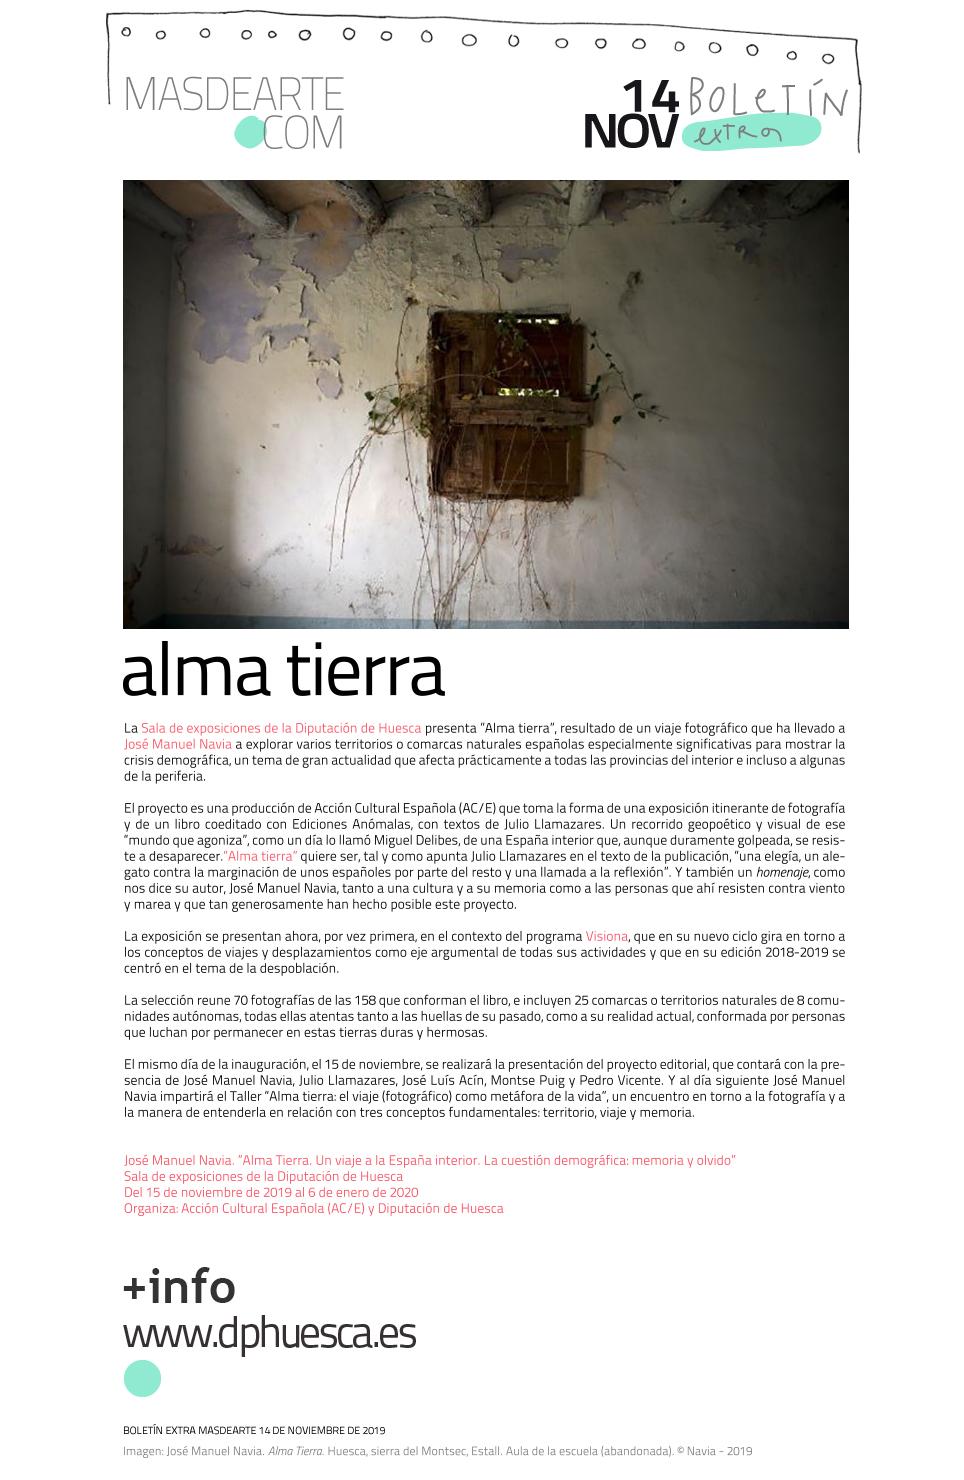 Alma Tierra, un proyecto de José Manuel Navia para VISIONA Huesca. Una exposición, una publicación y un taller en la Diputación de Huesca